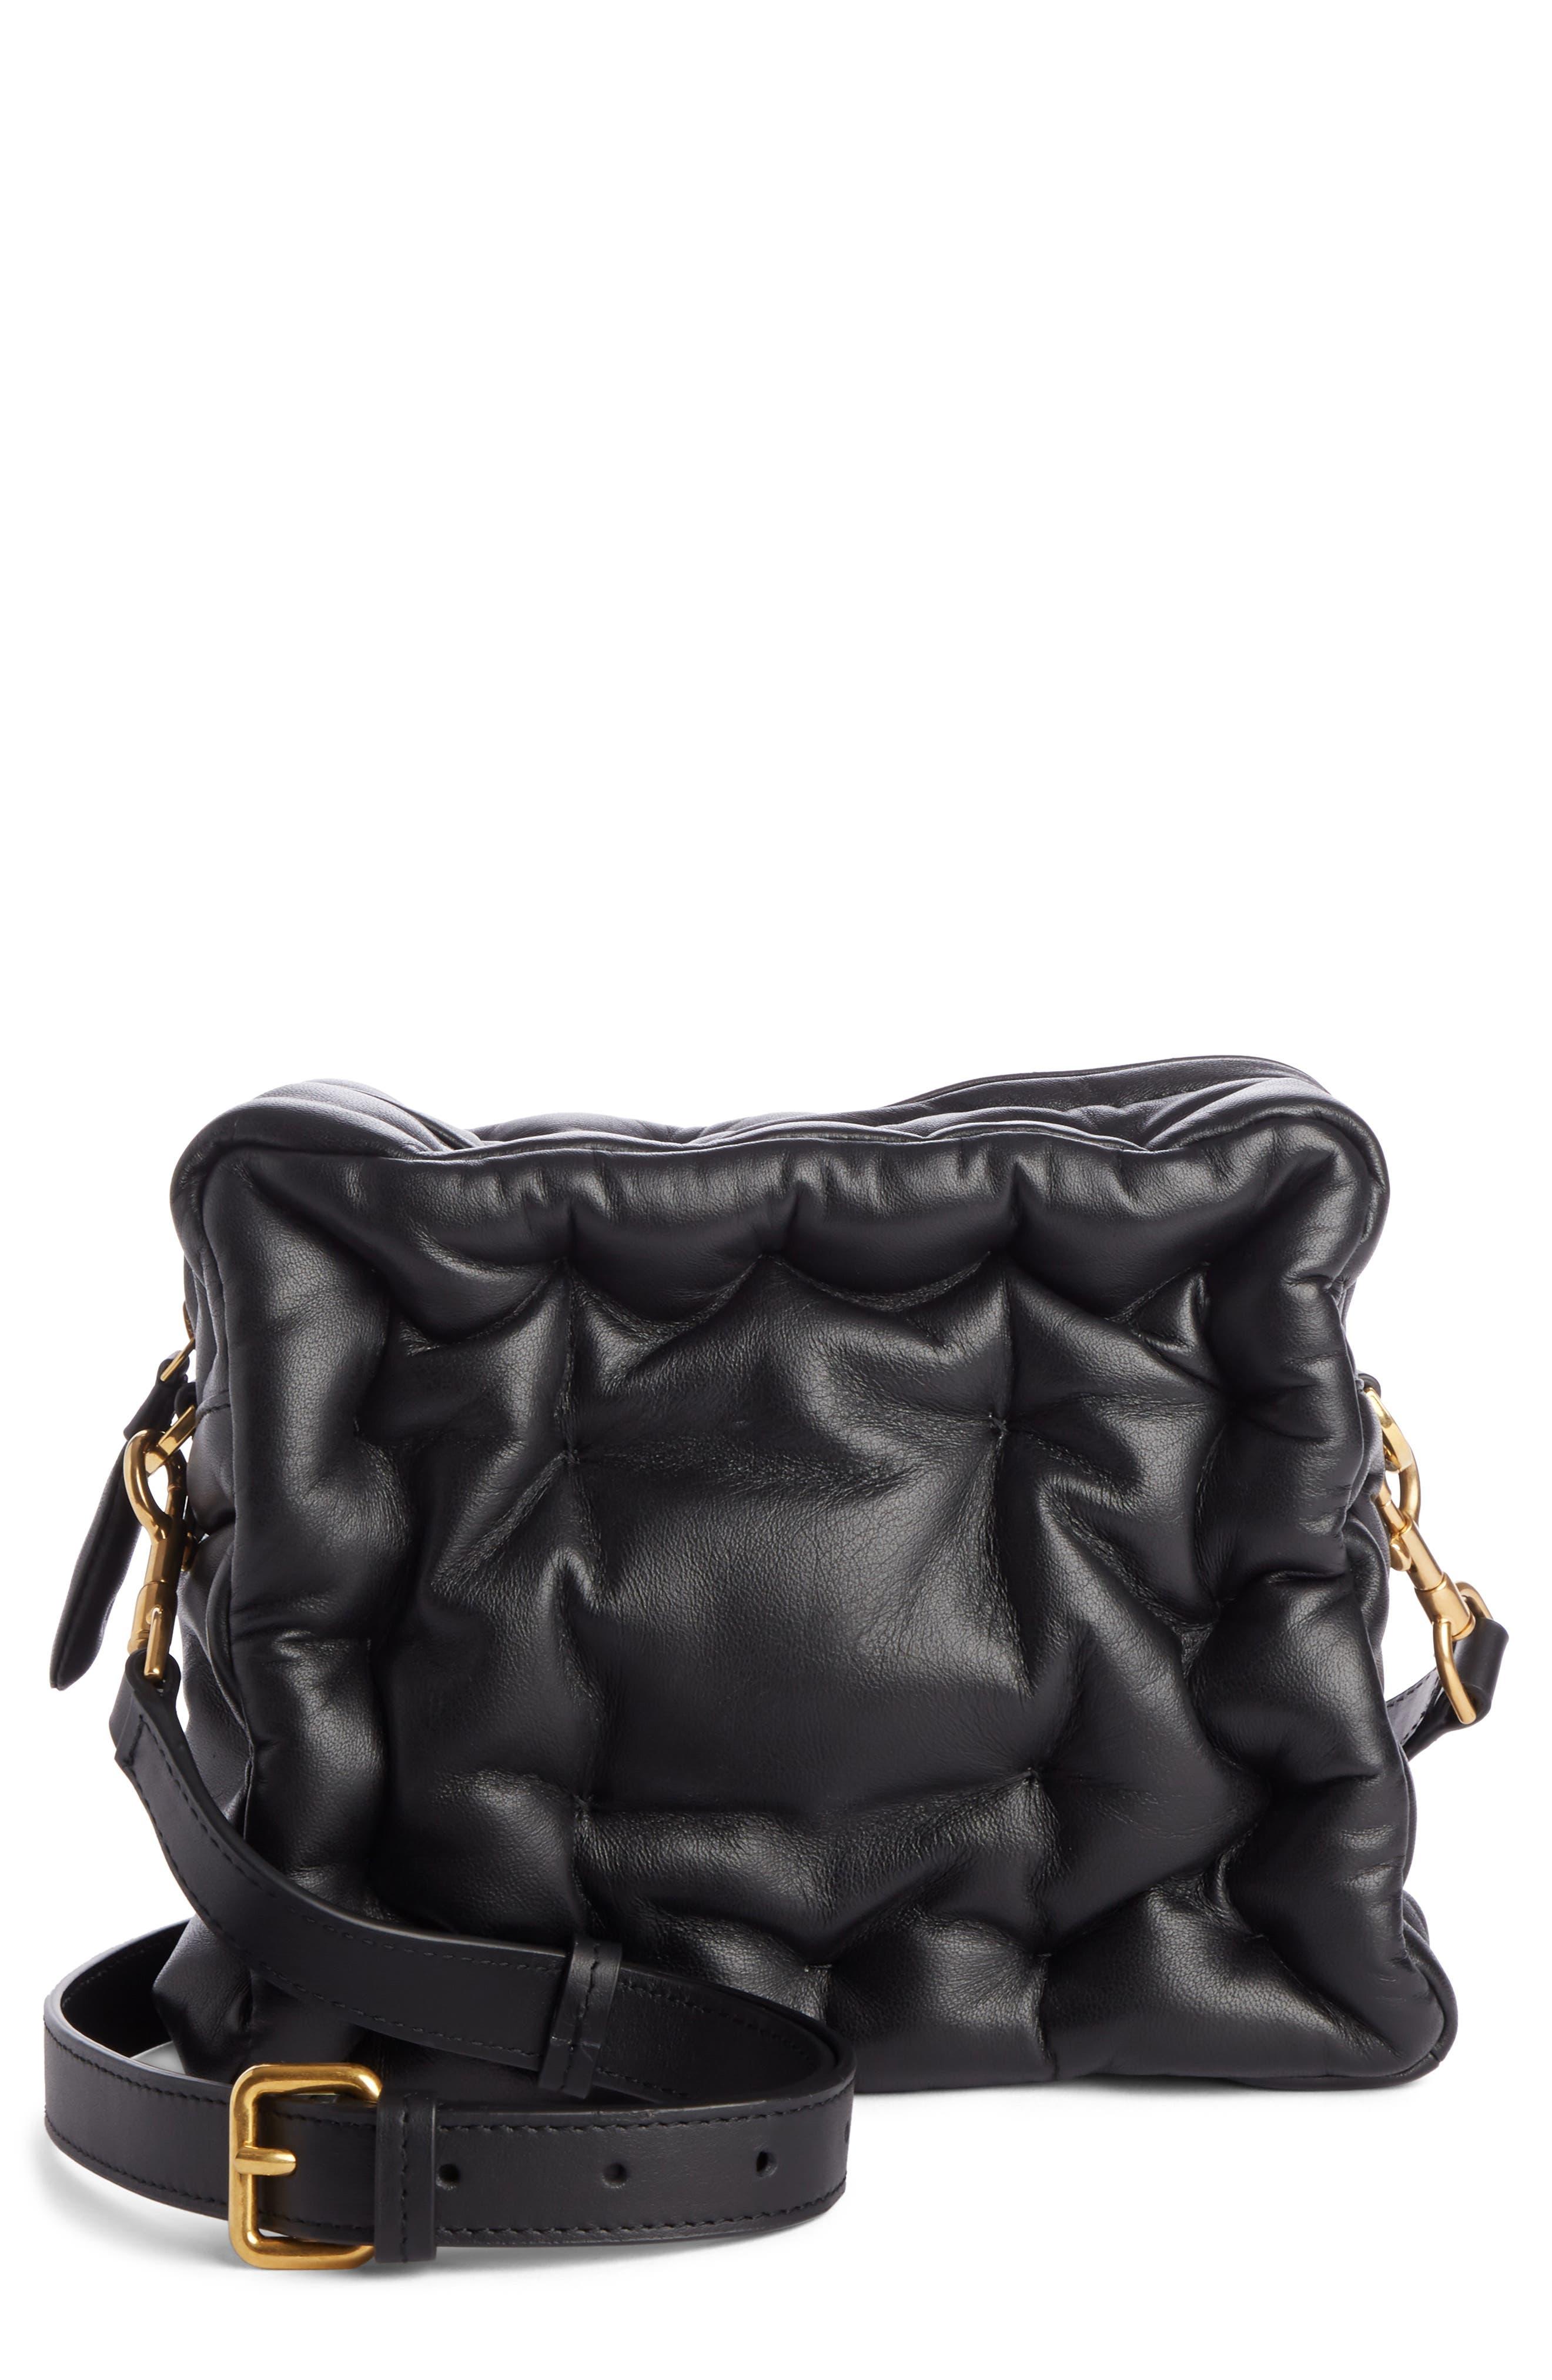 Chubby Cube Leather Crossbody Bag,                         Main,                         color, BLACK